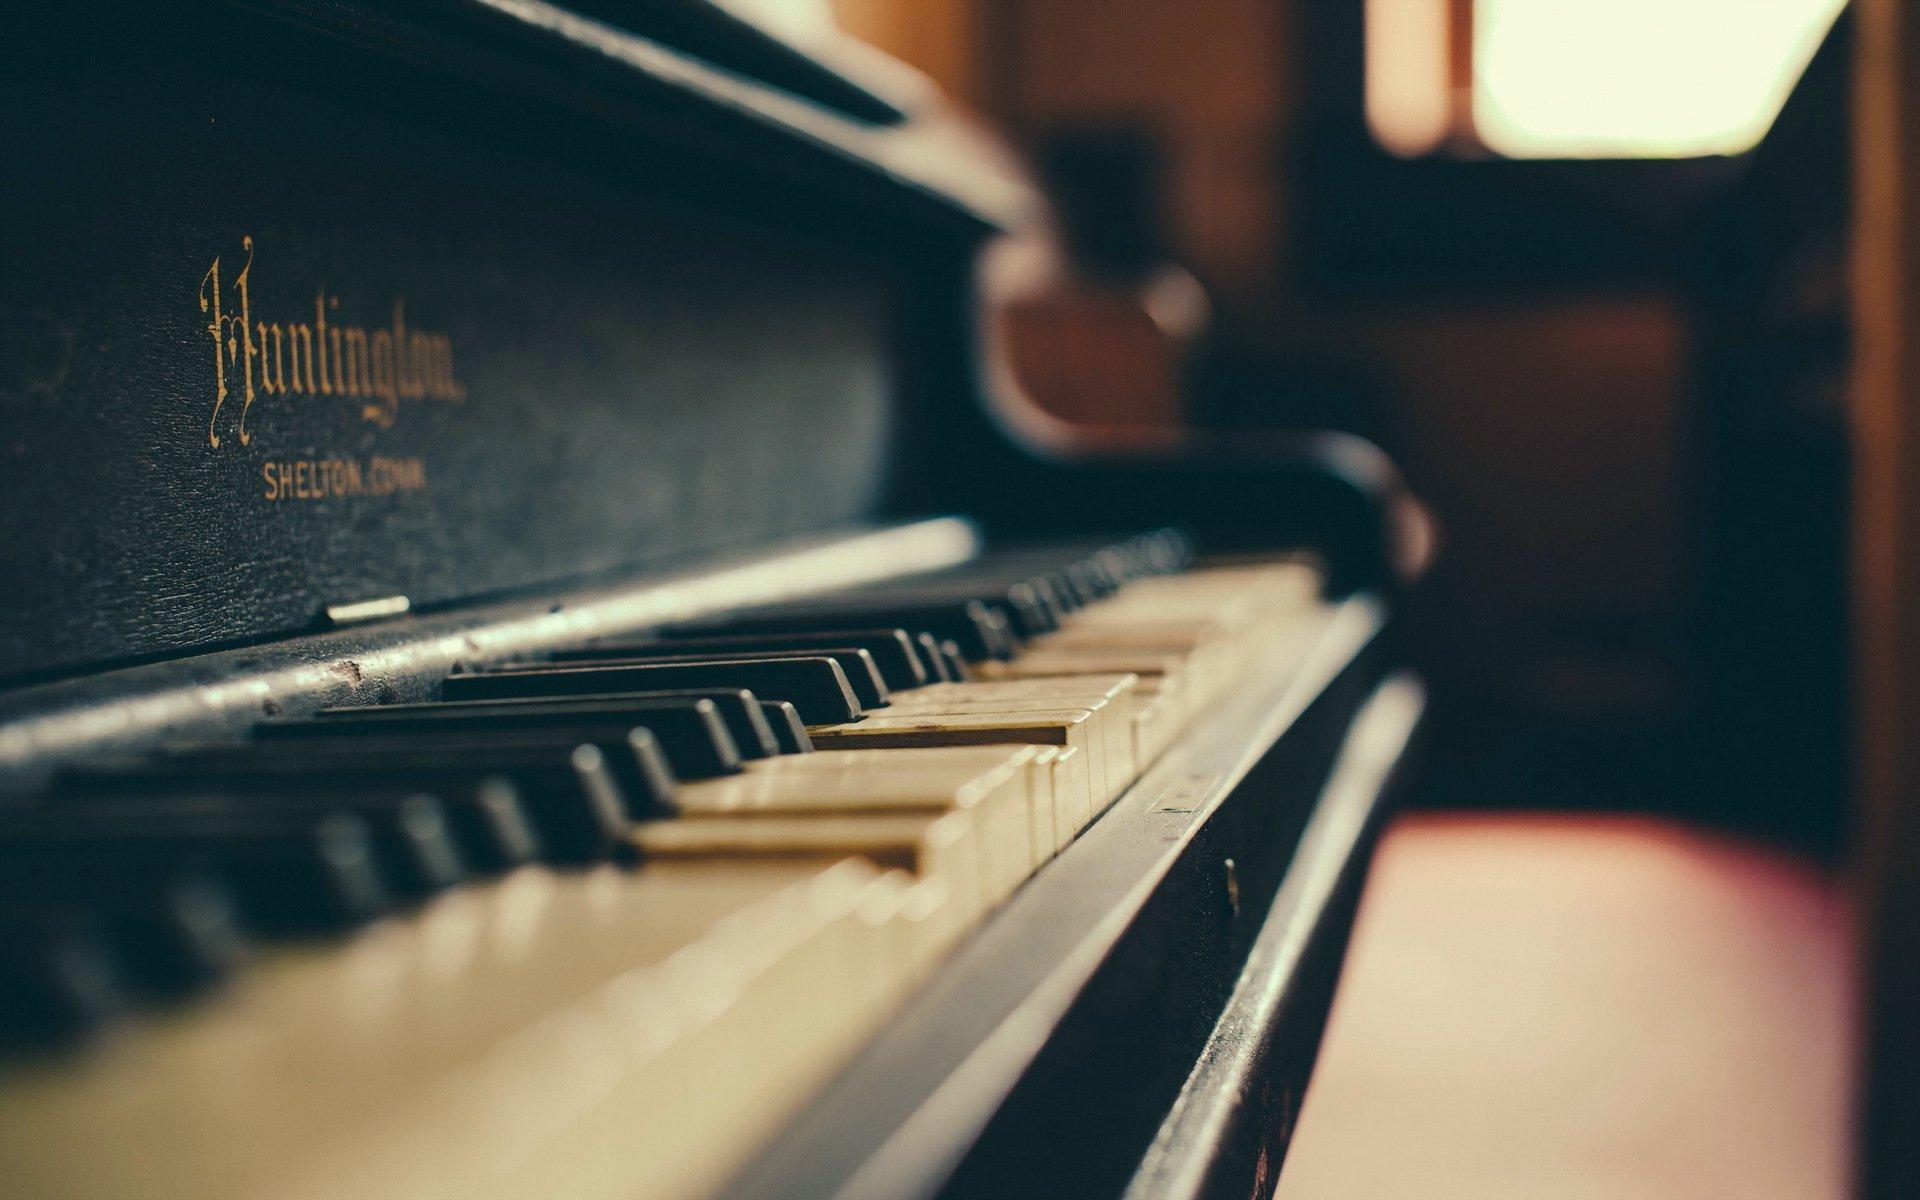 картинки фортепиано на телефон проводимом россии объеме